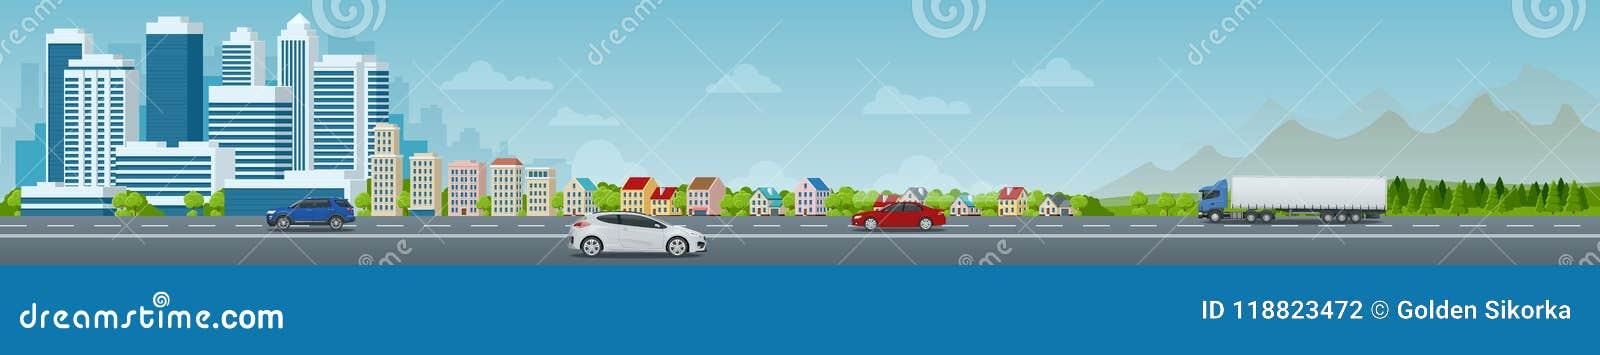 Wektorowy pojęcia miasto i podmiejski życie Miasto ulica, wielcy nowożytni budynki, pejzaż miejski, samochody miejski krajobrazu